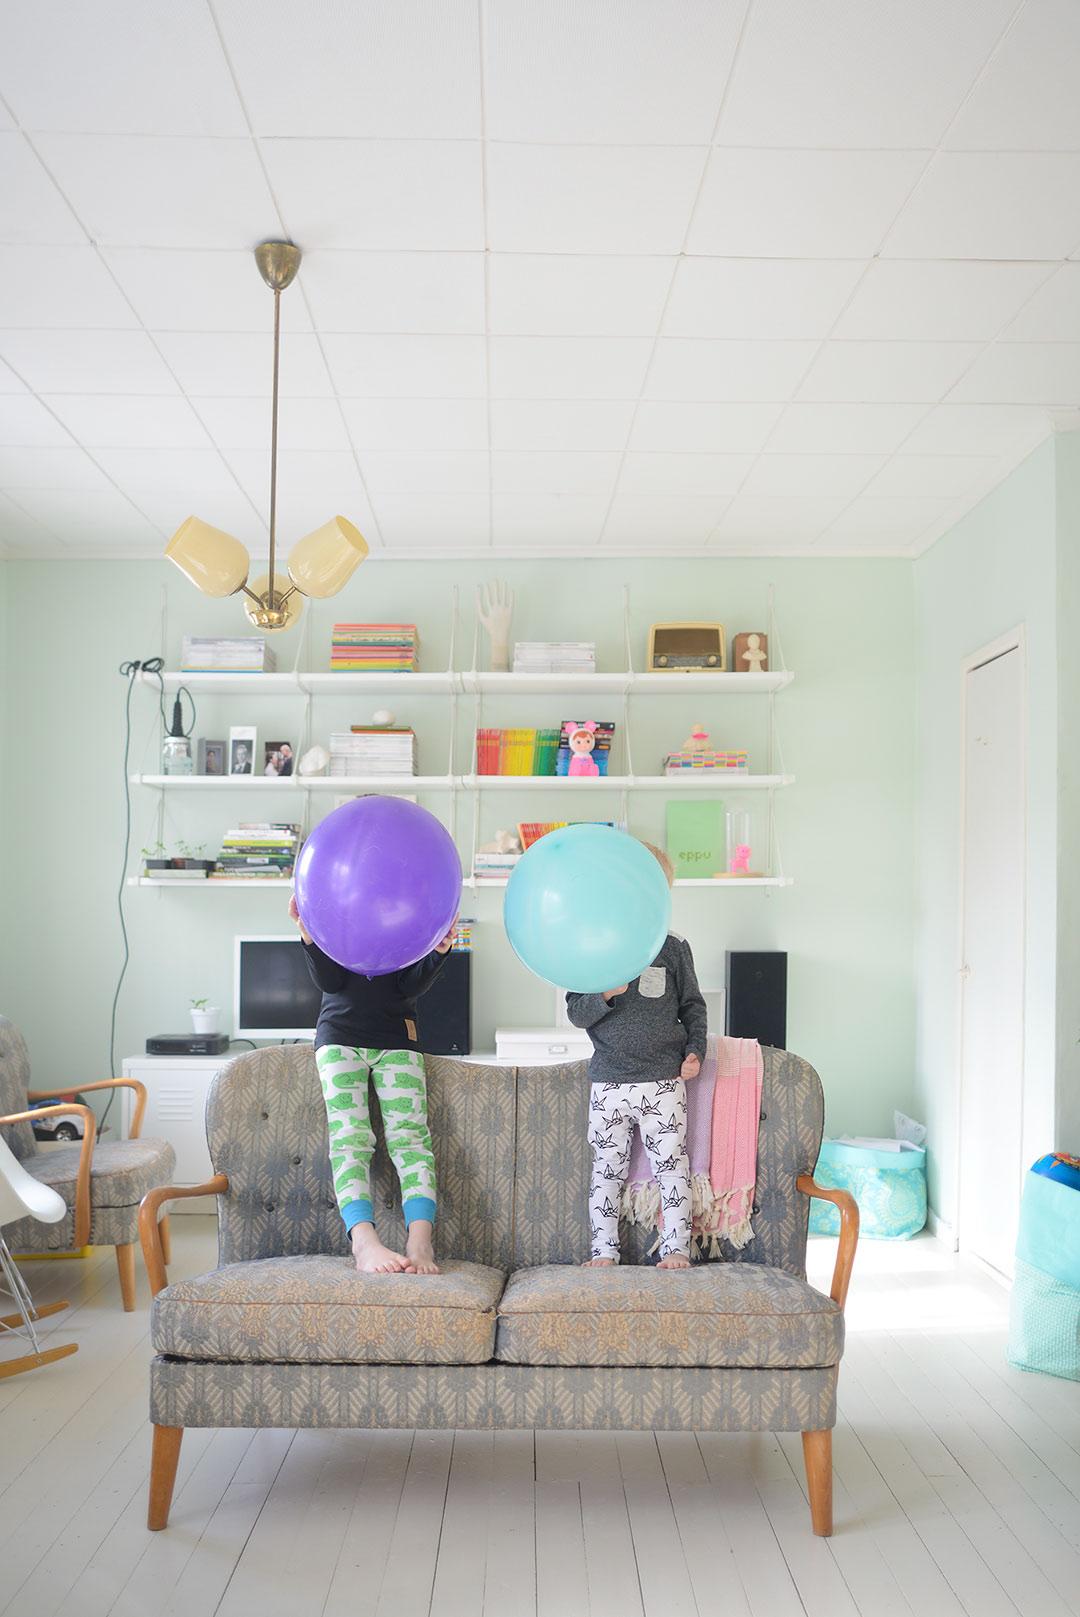 Balloon party and YO ZEN kids wear